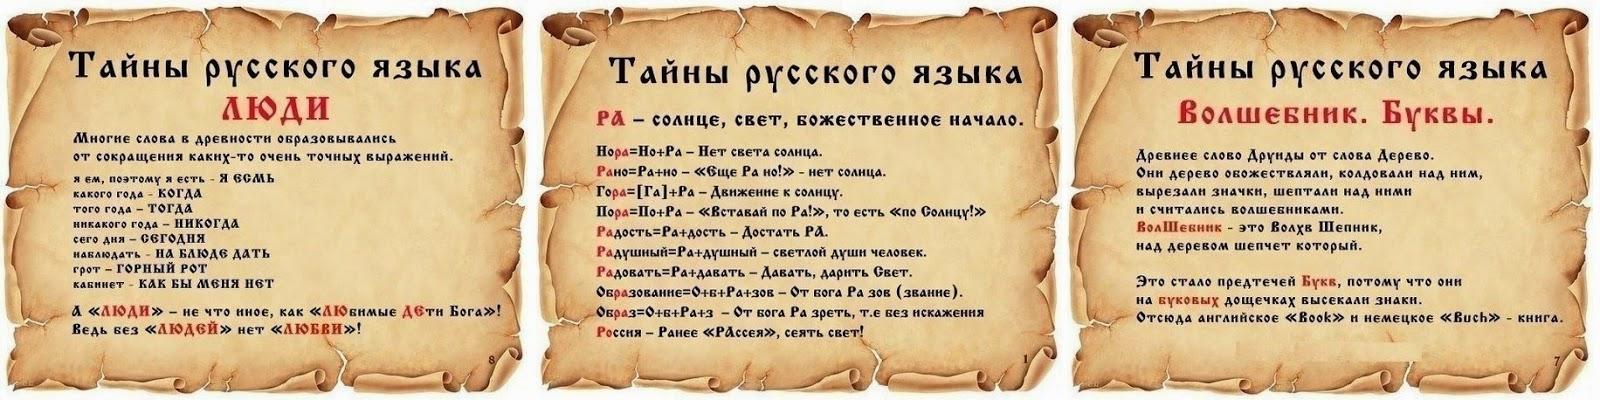 русский язык происхождение слов